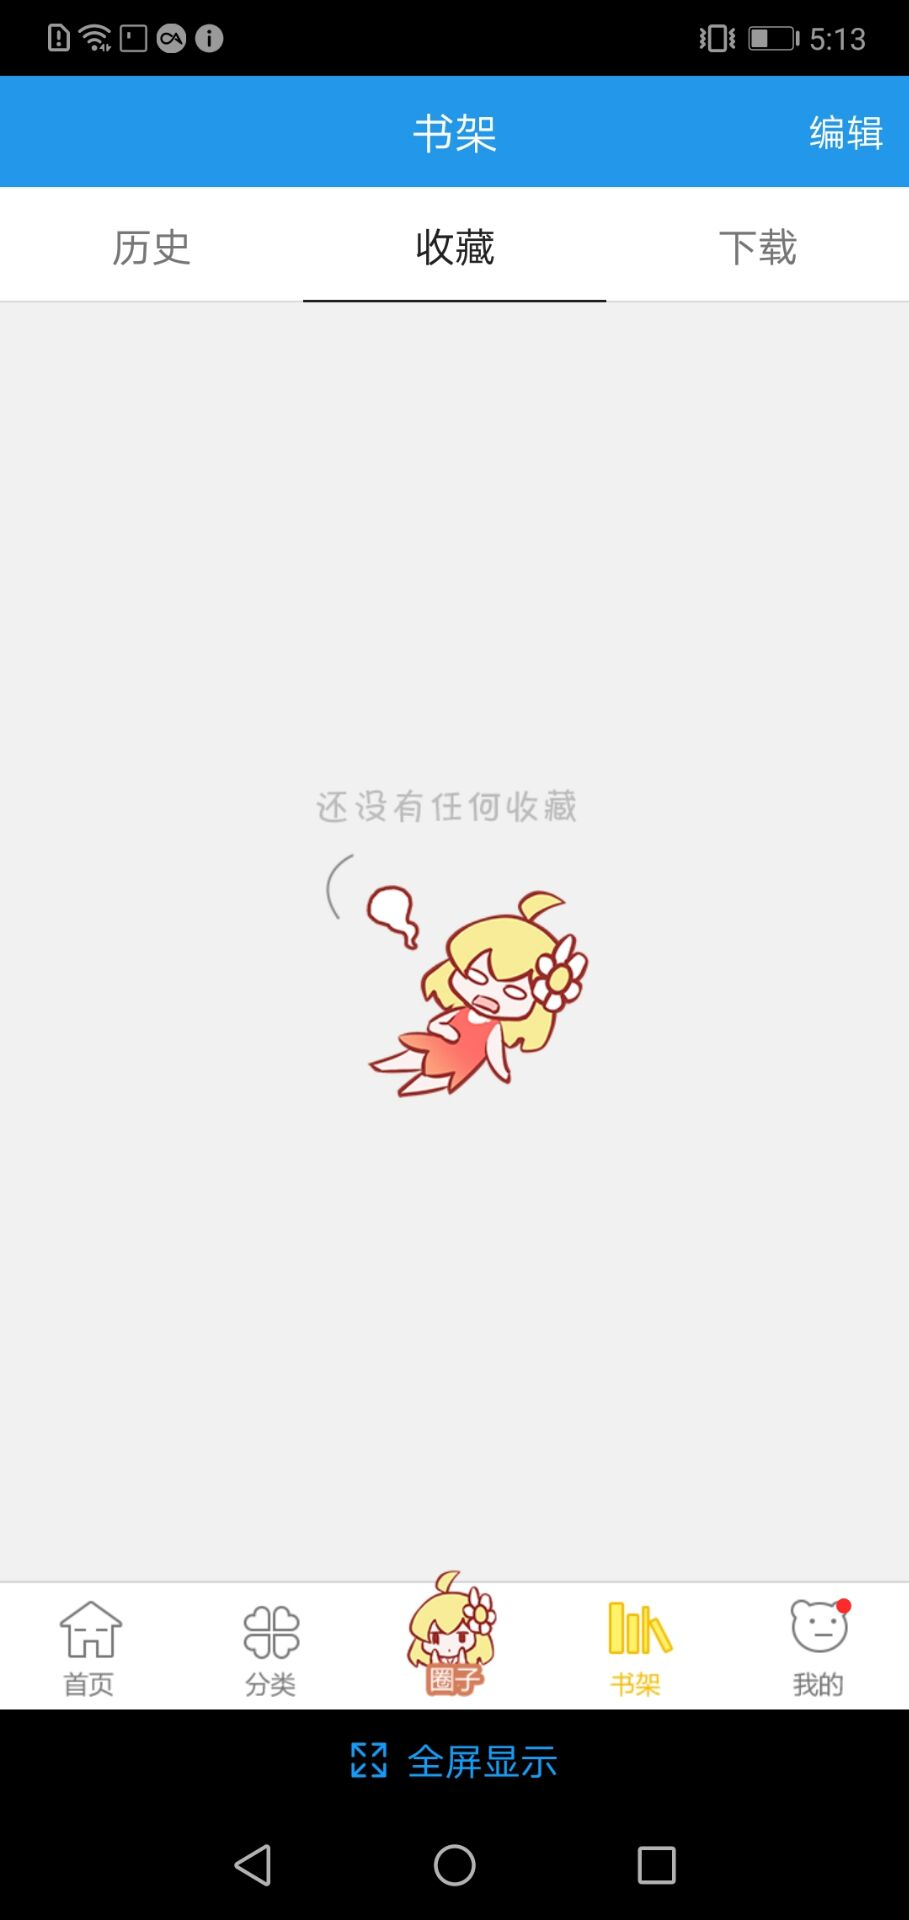 【资源分享】极速漫画-爱小助